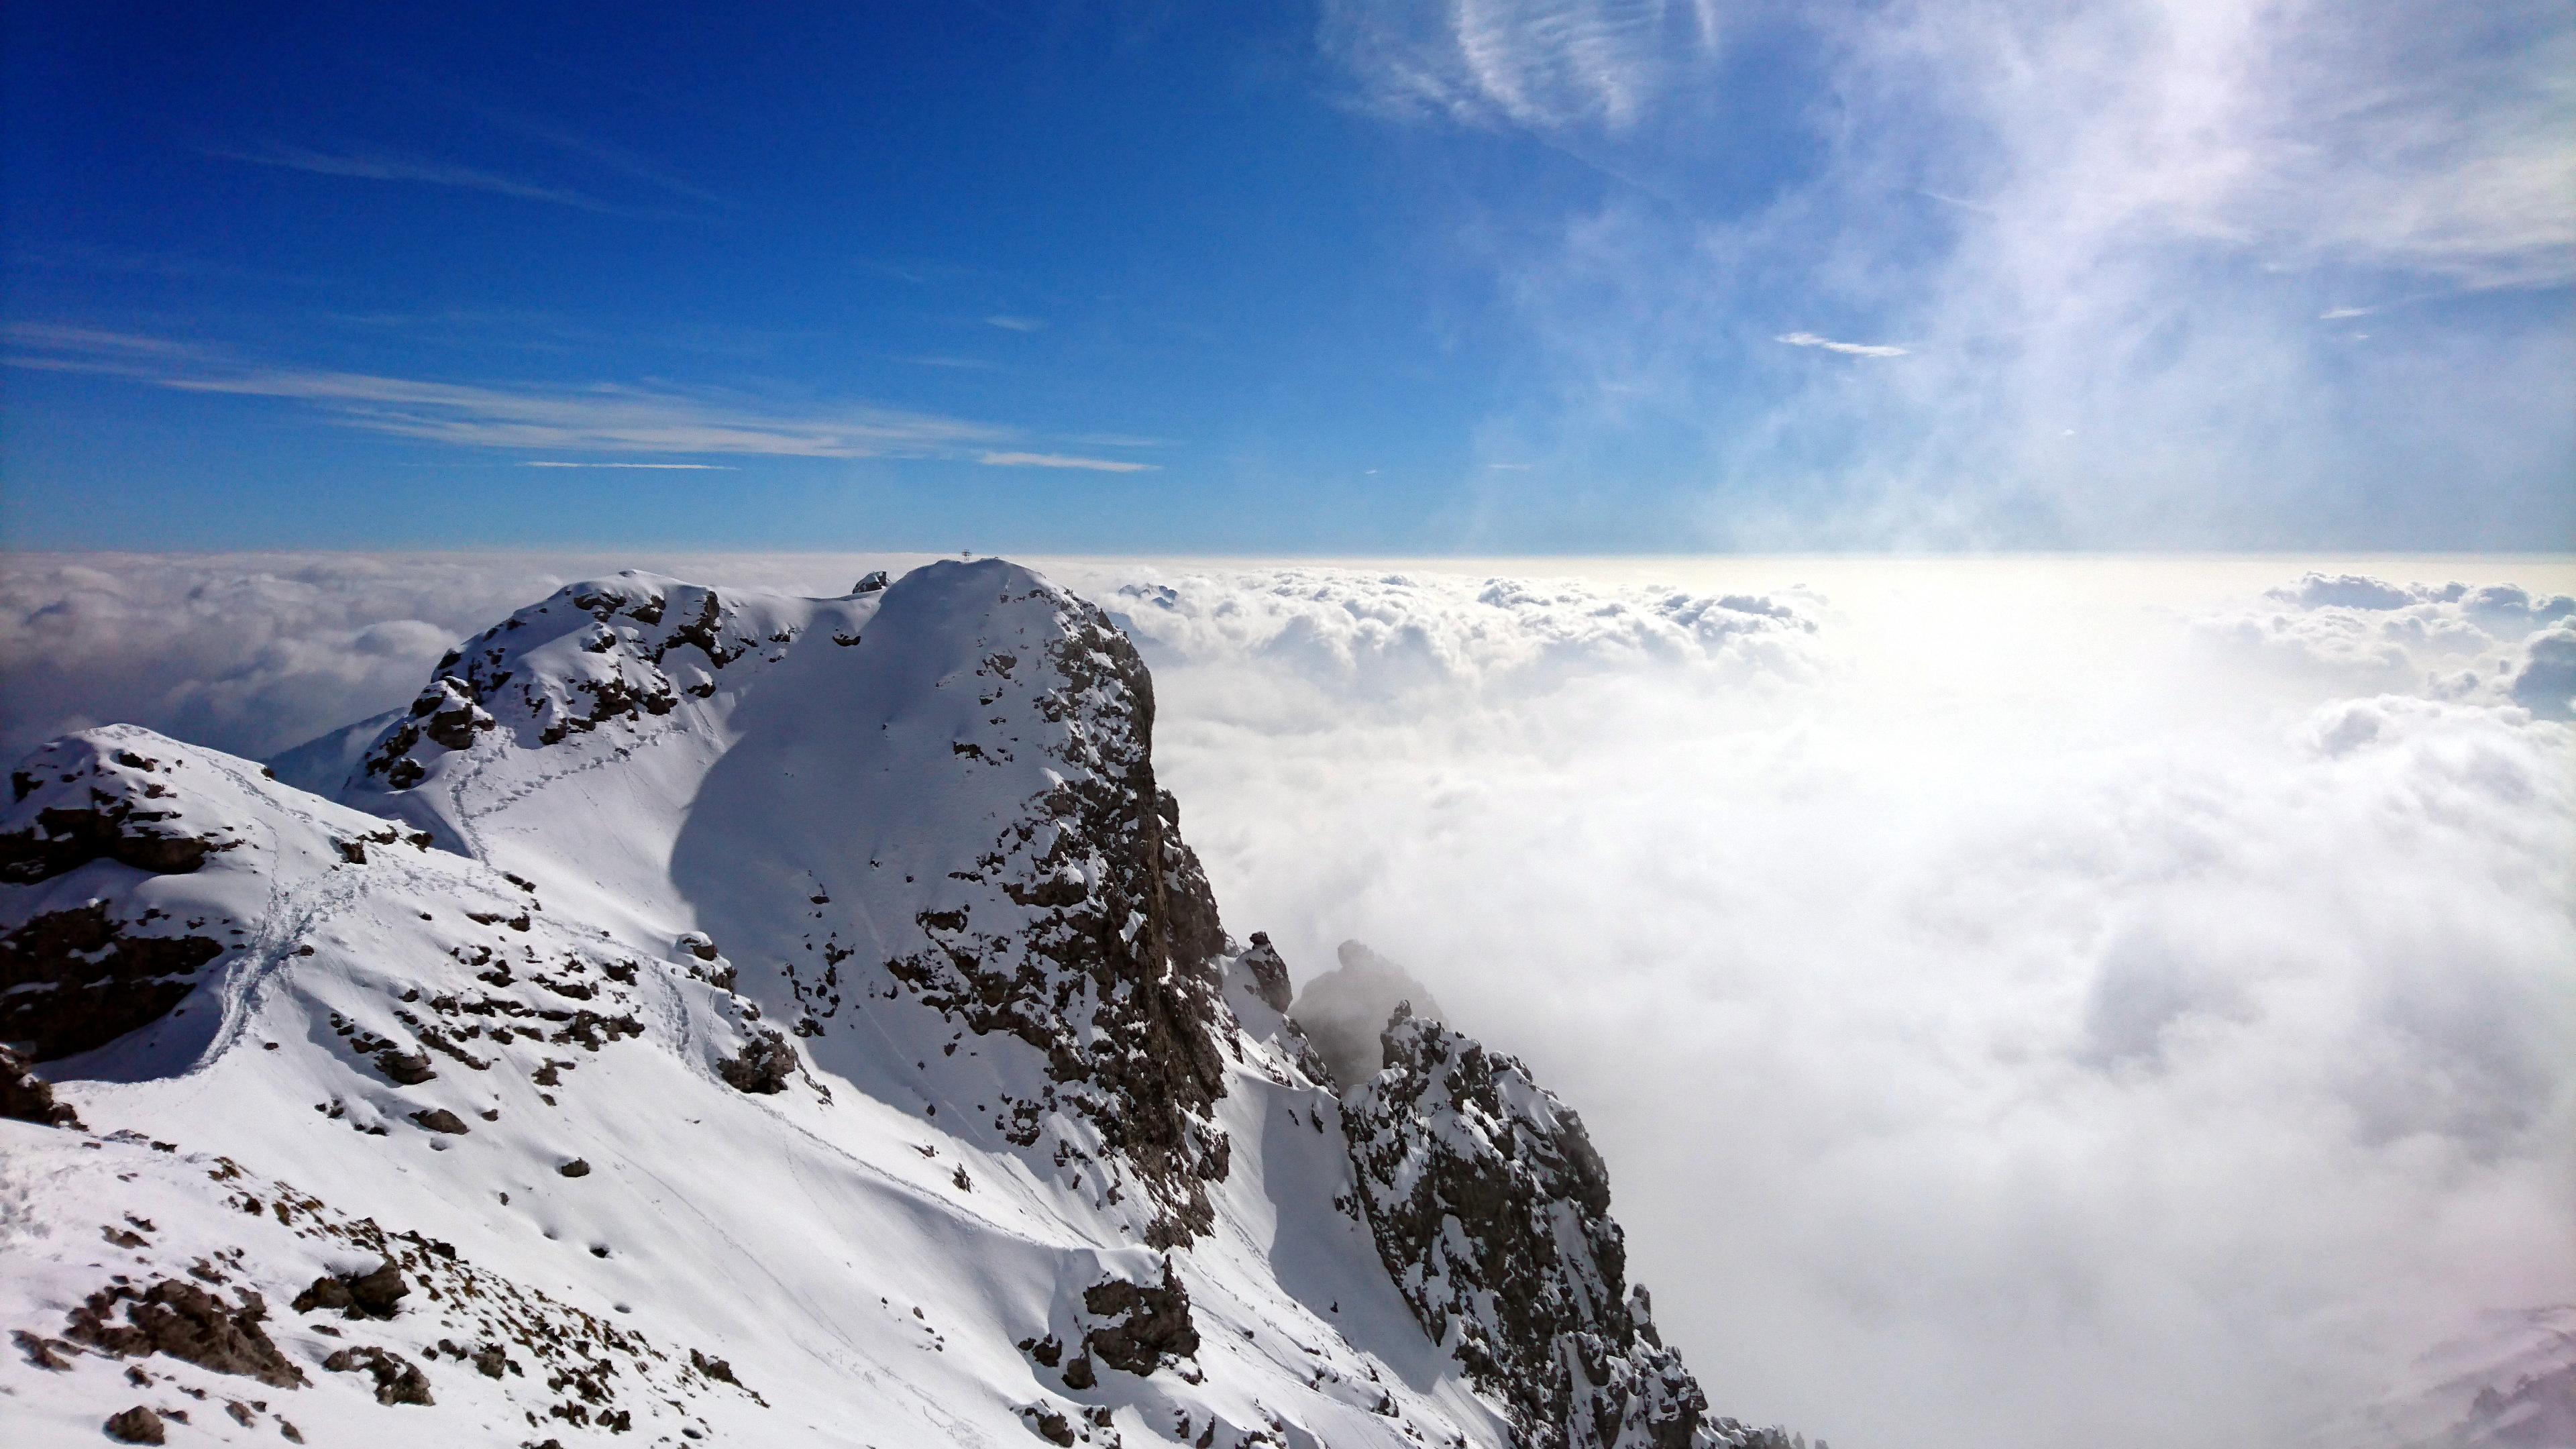 Bella vista della cima dei Magnaghi con lo sfondo di nubi. Sembra di essere in paradiso